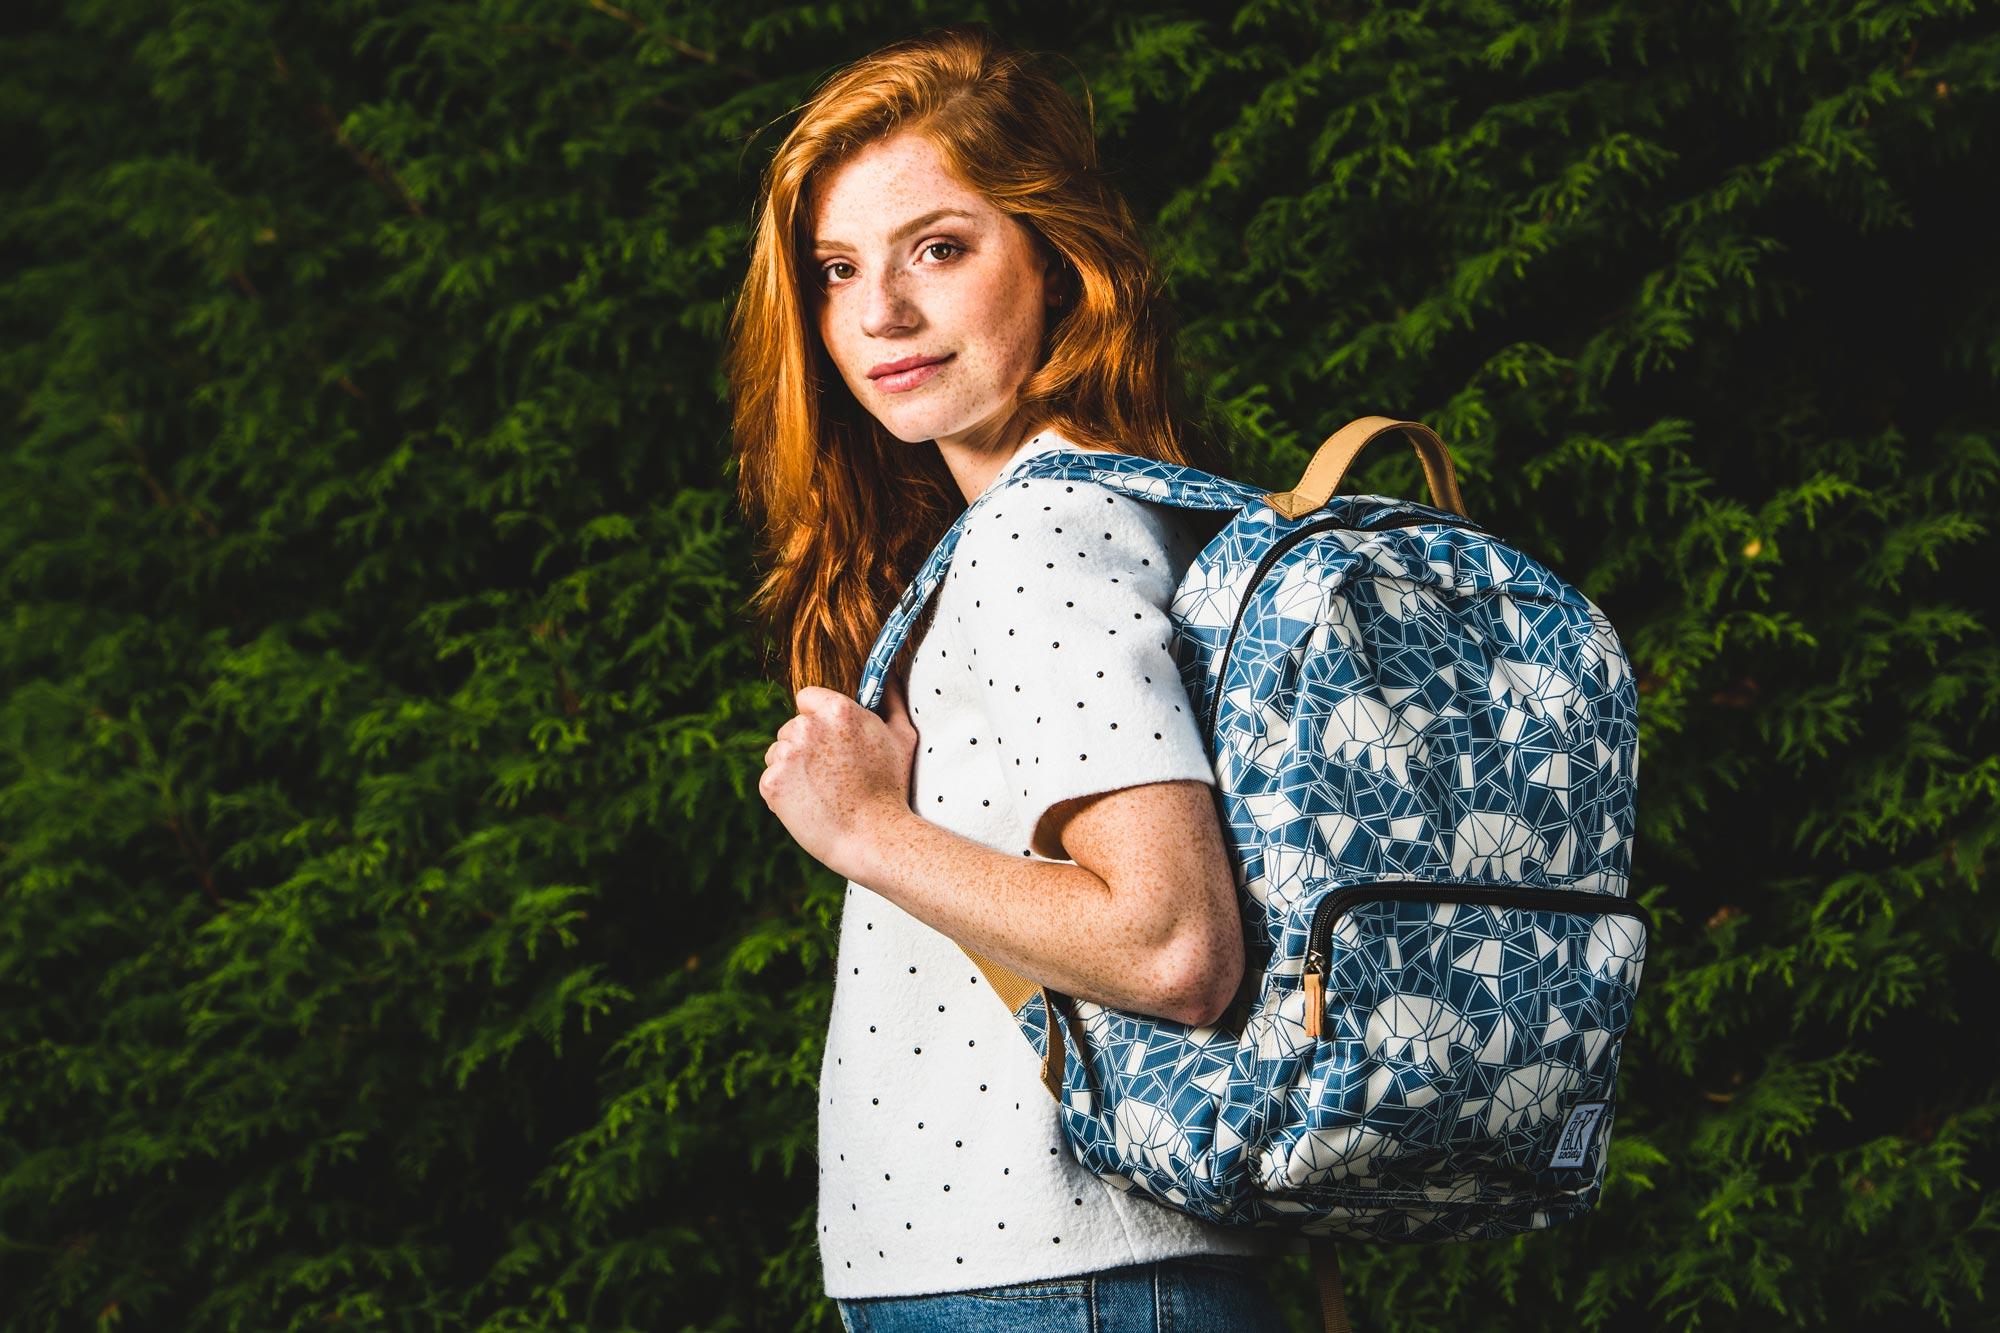 een meisje met een schoolrugzak voor een heg